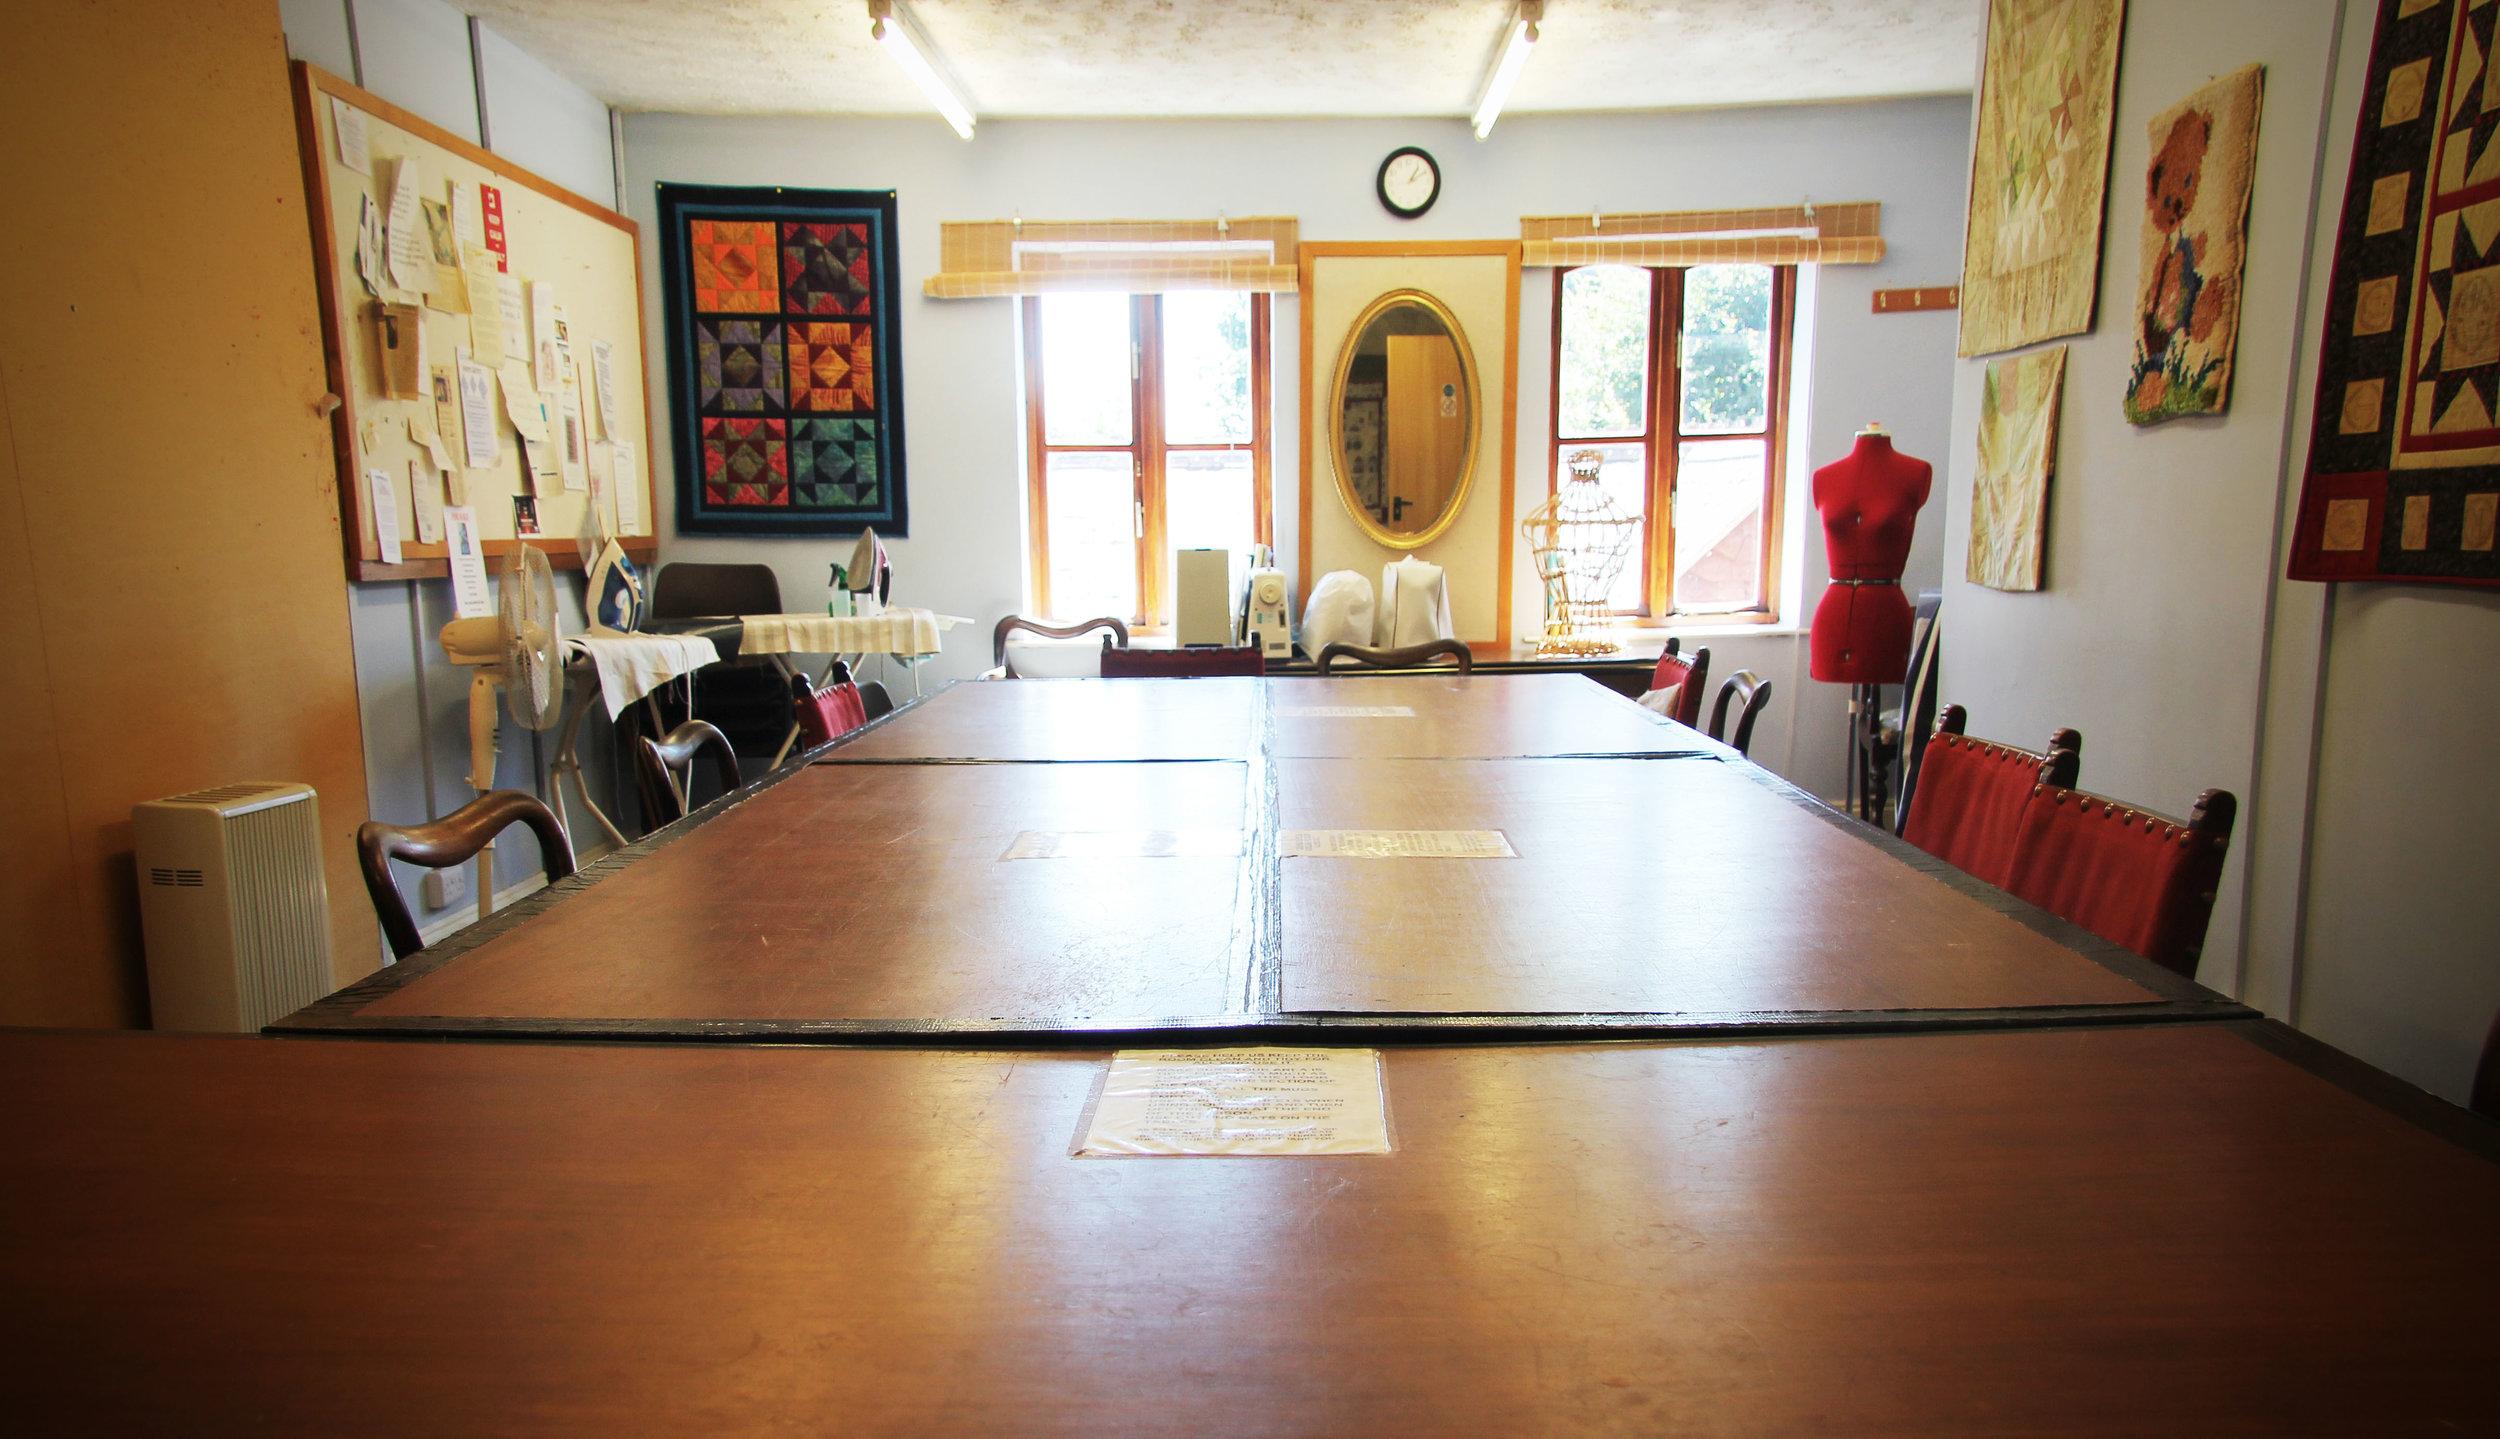 The Pumpkin Patch Classroom 1.jpg